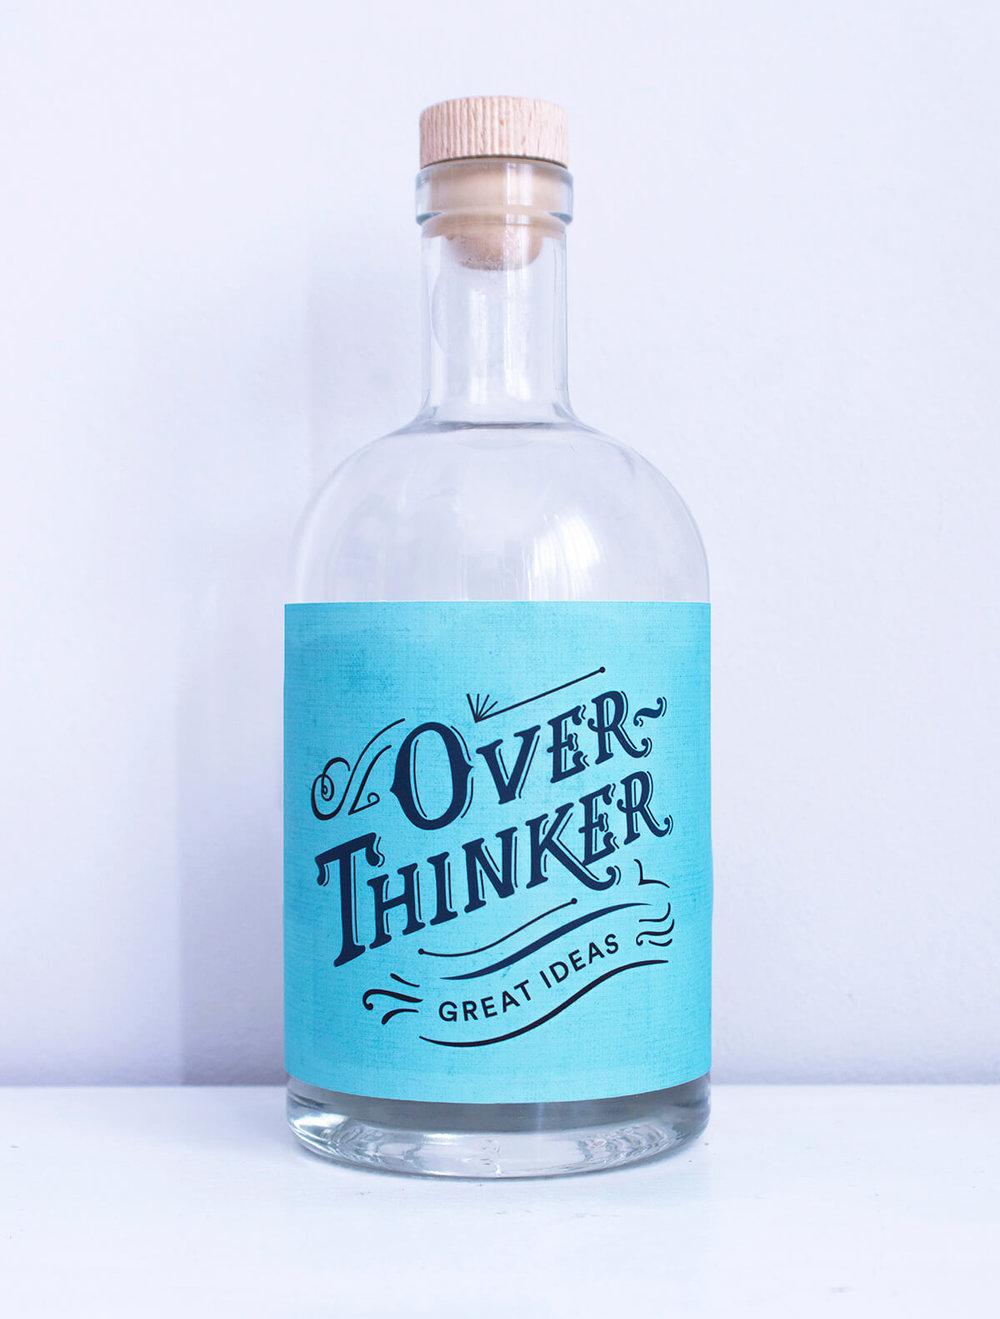 overthinker bottle